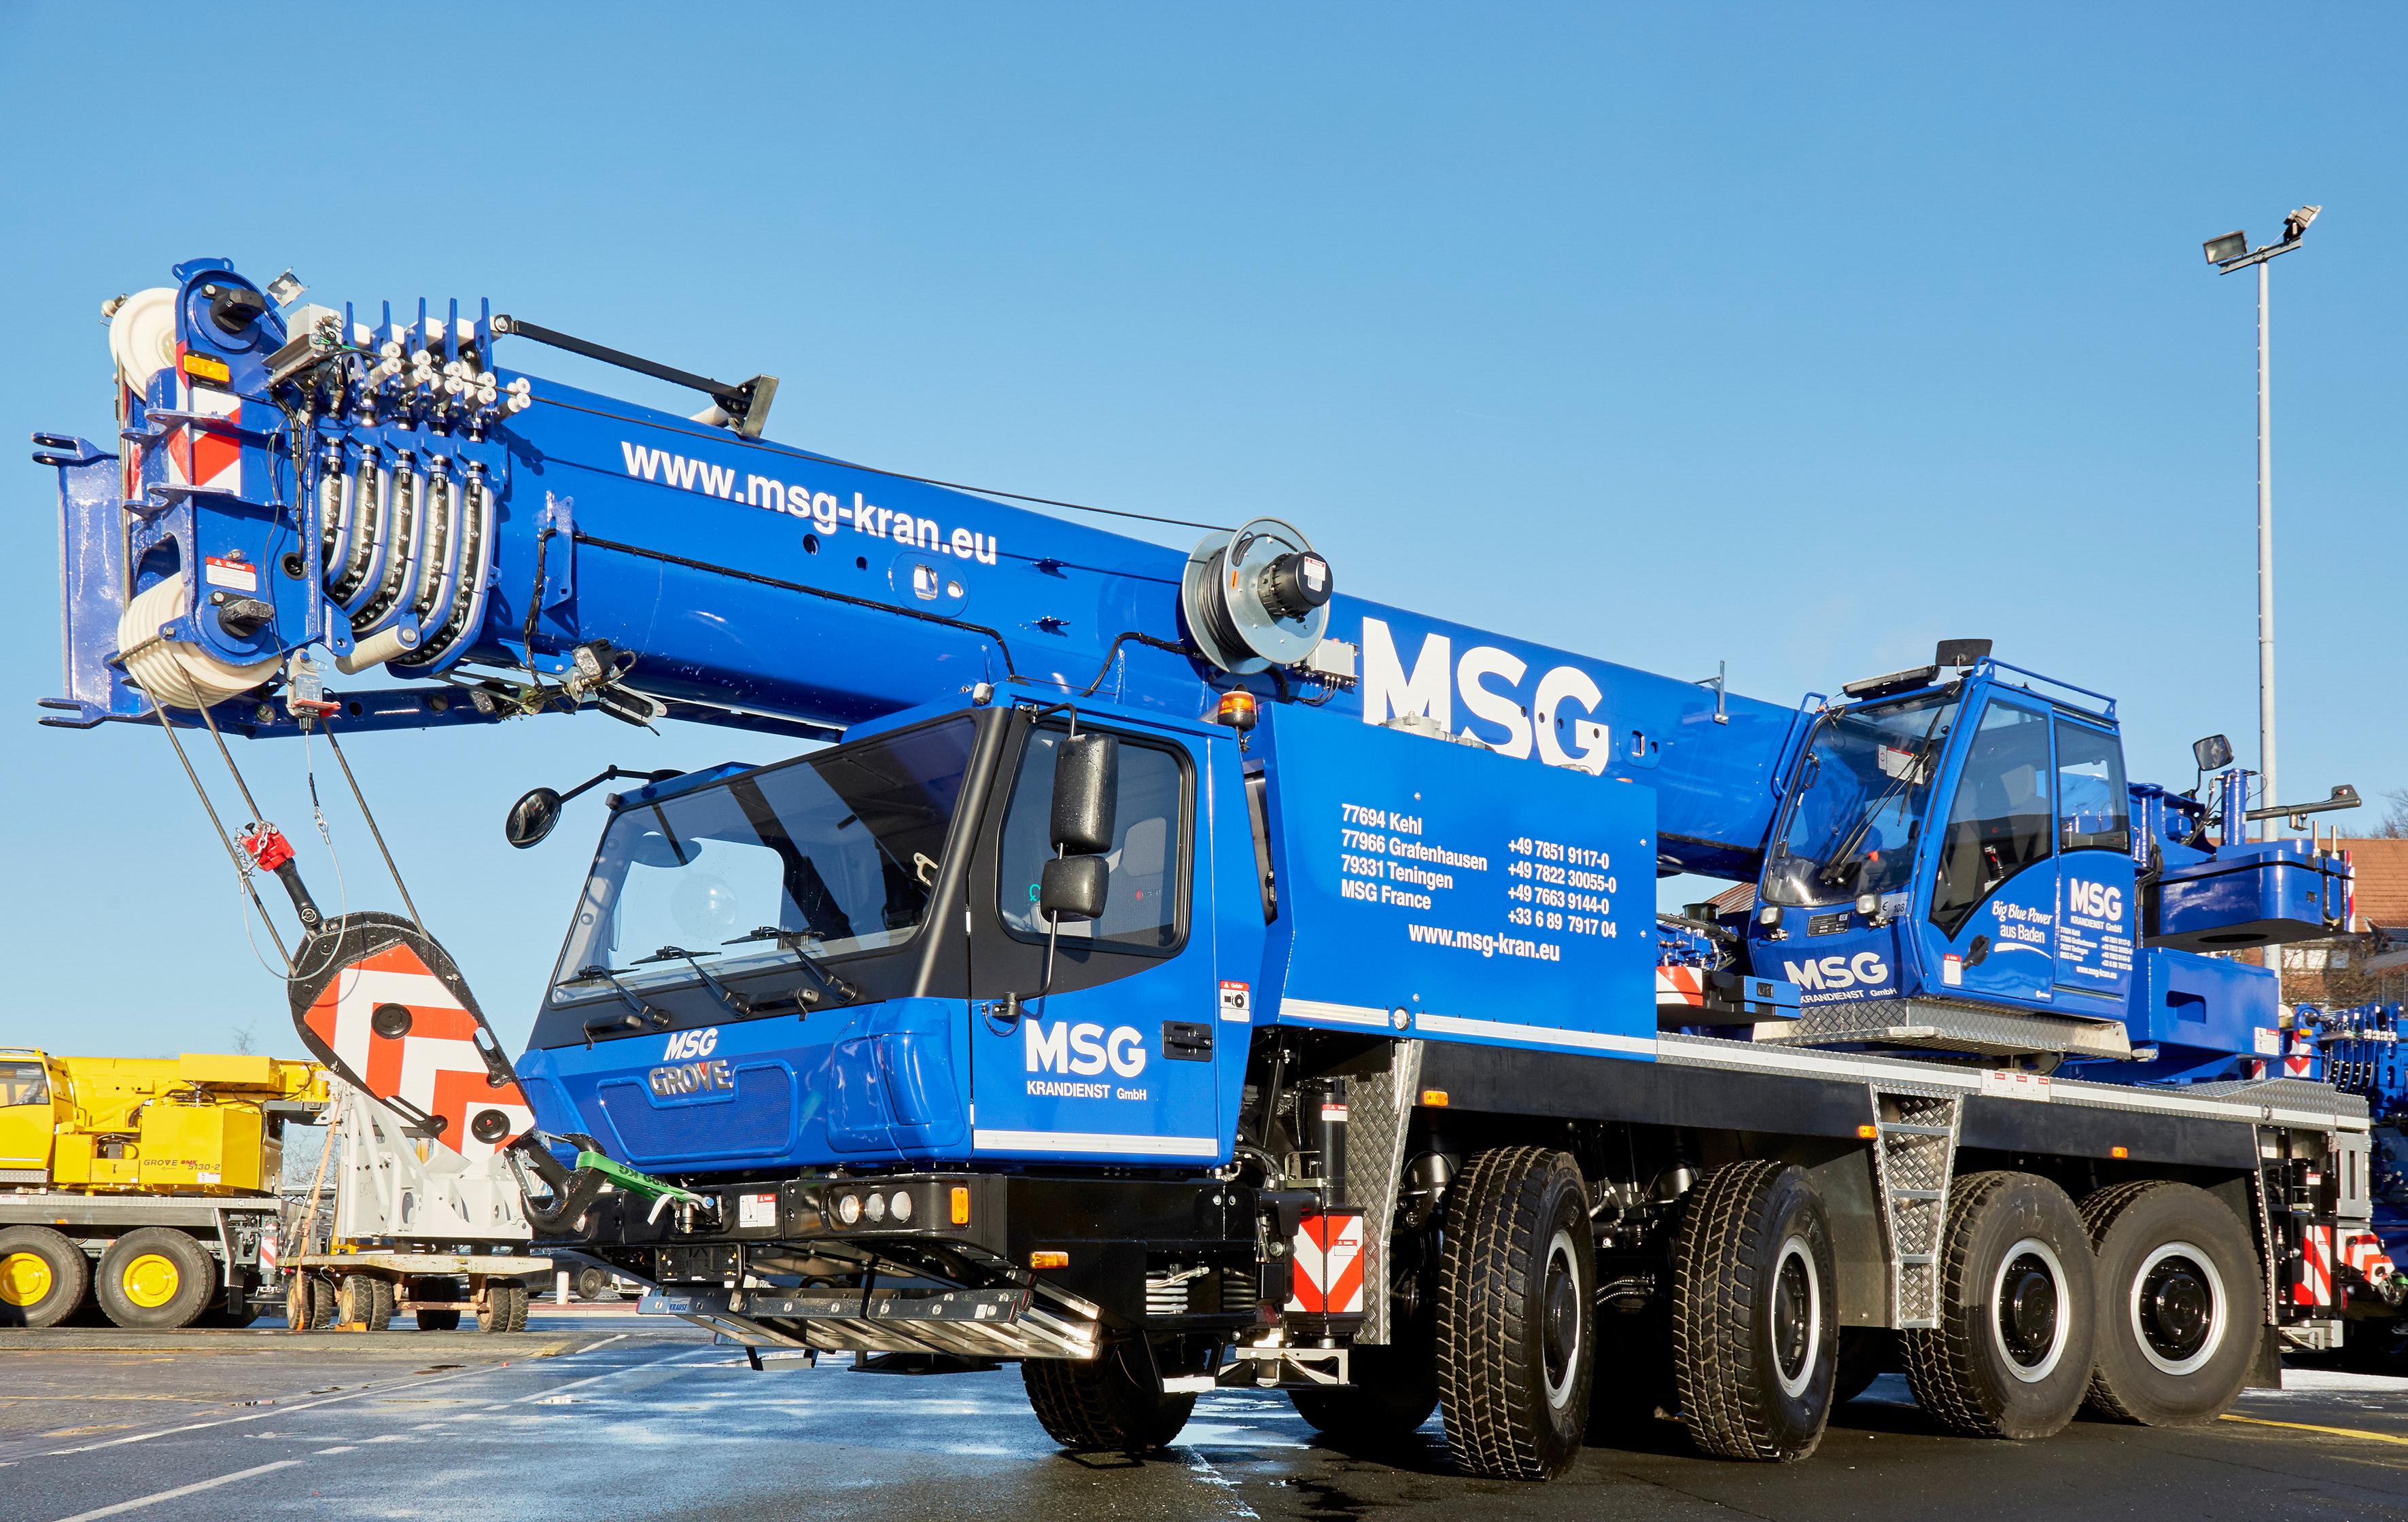 Sieben neue Grove-Krane für die MSG Krandienst GmbH